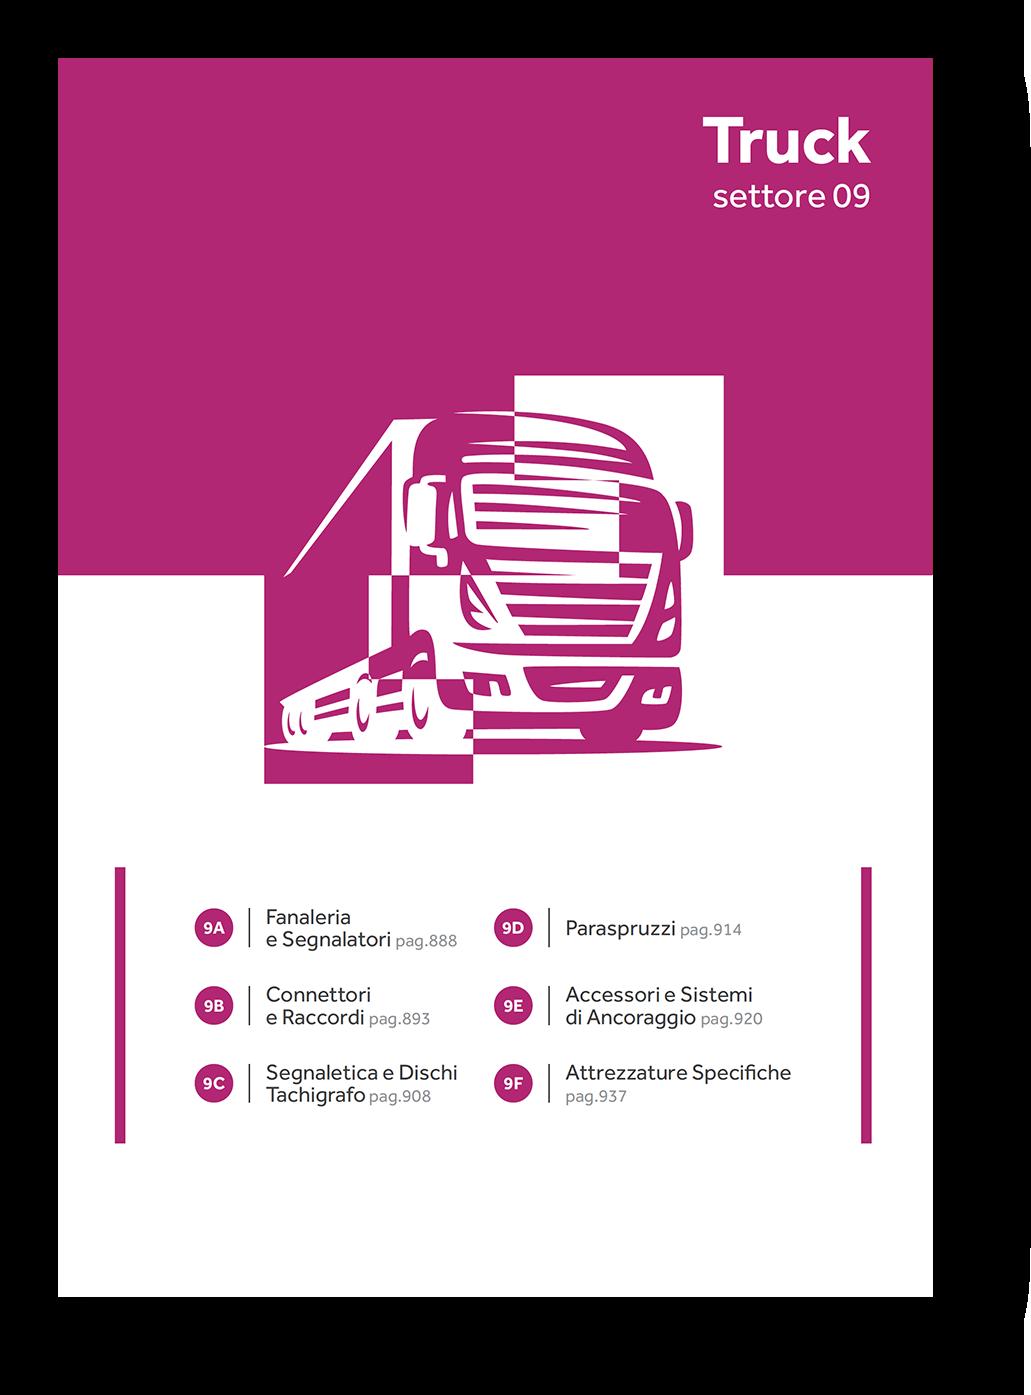 prodotti veicoli commerciali mezzi pesanti manutenzione catalogo